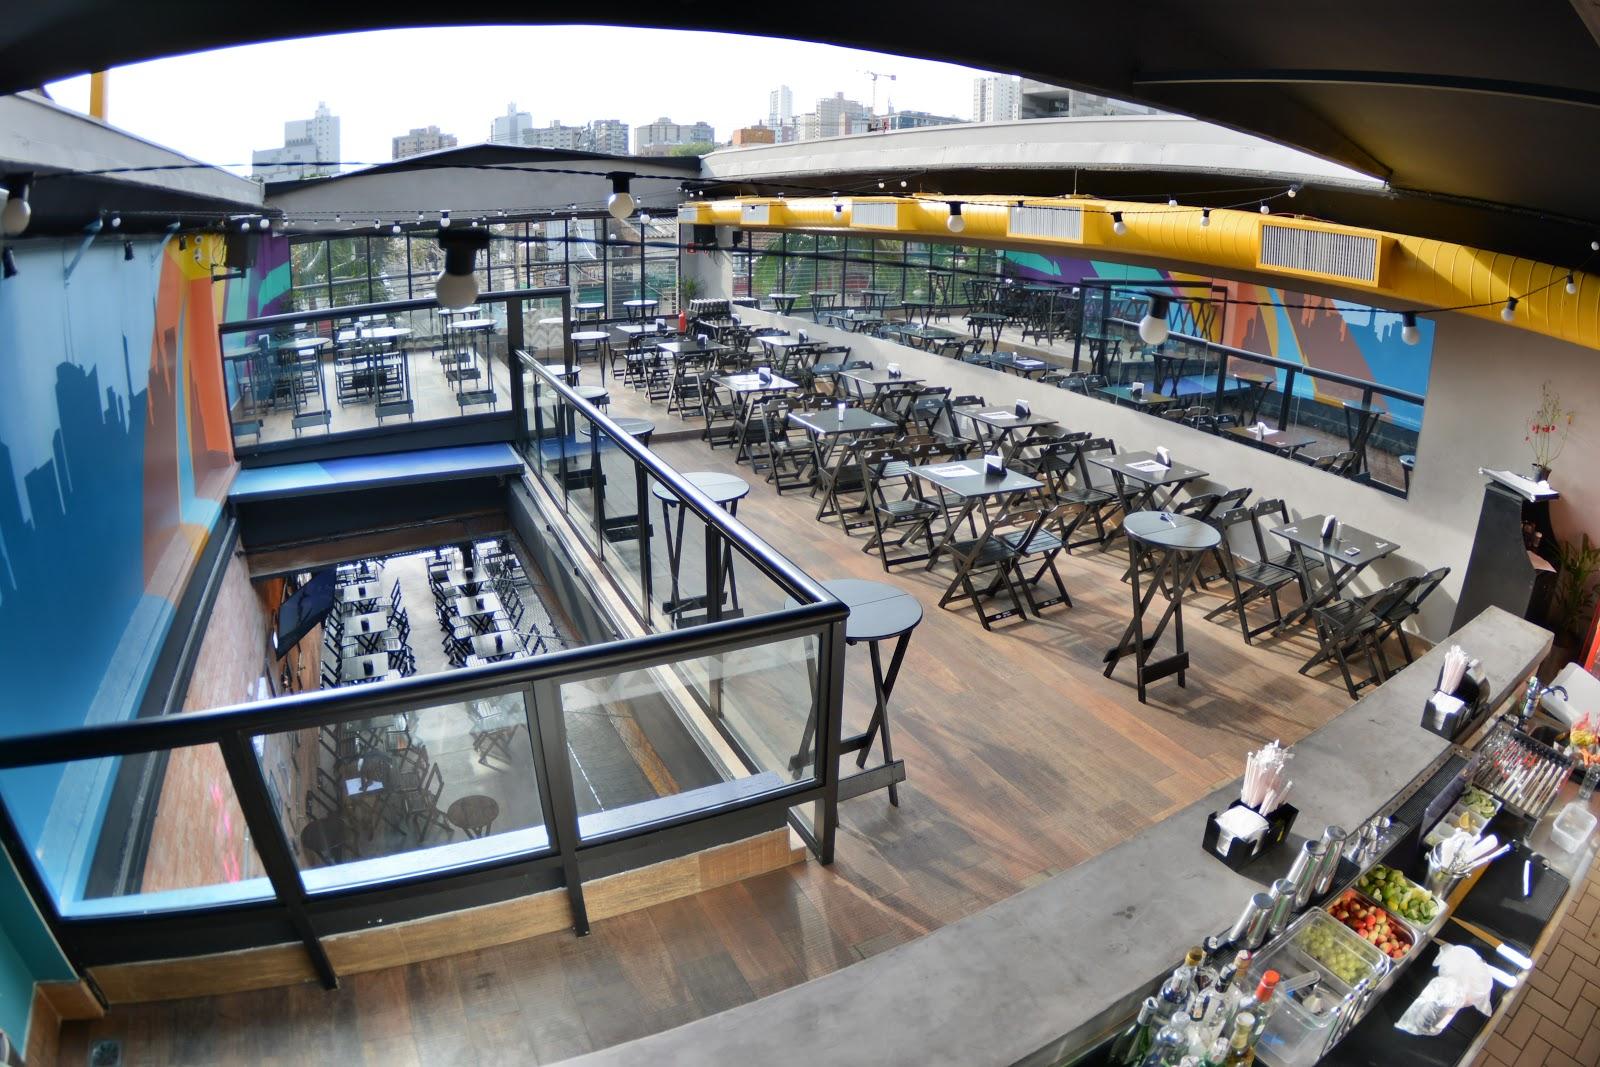 Na primavera, rooftop é atrativo para assistir ao pôr-do-sol no bar e curtir balada nas temperaturas mais quentes 41